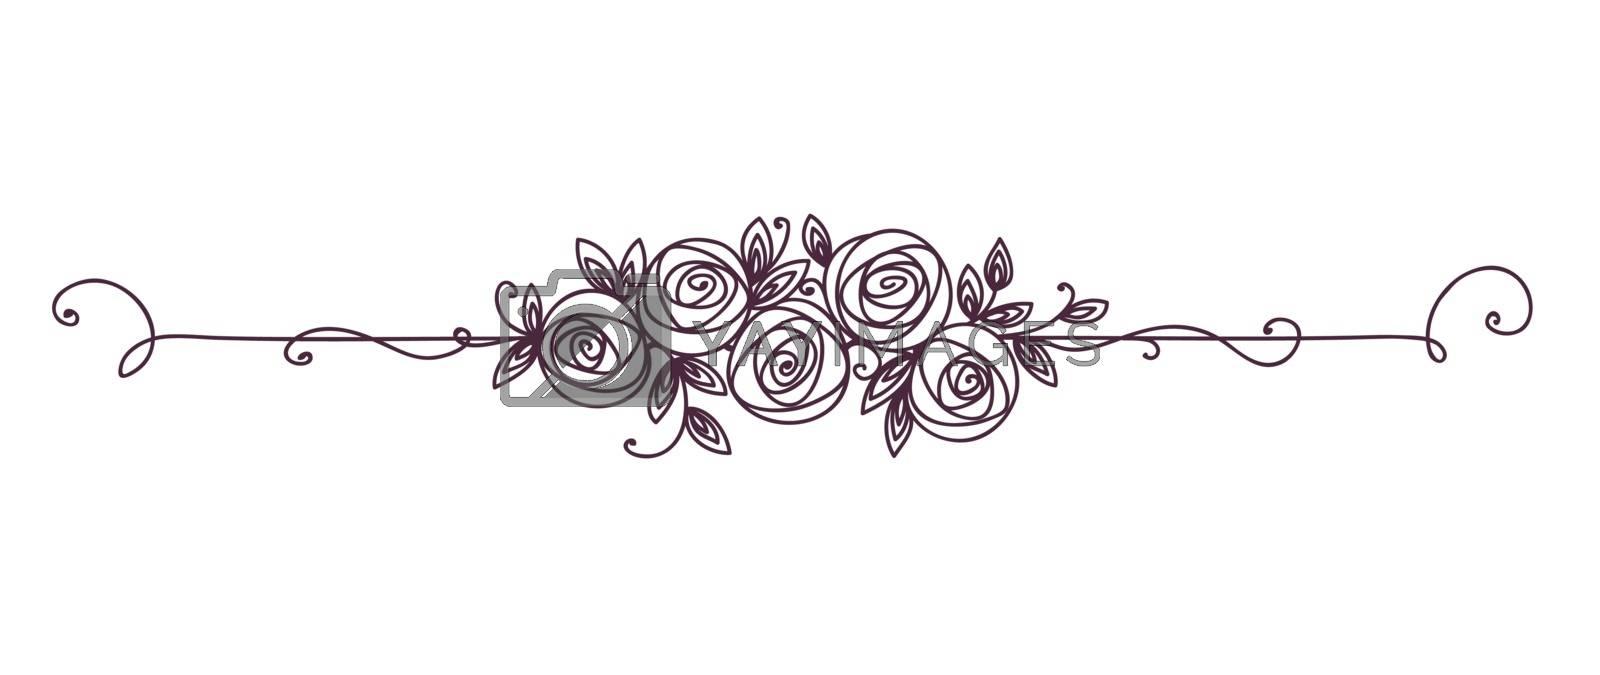 Floral elegant pattern black and white. Vintage element for decor line art. Rose flower outline.